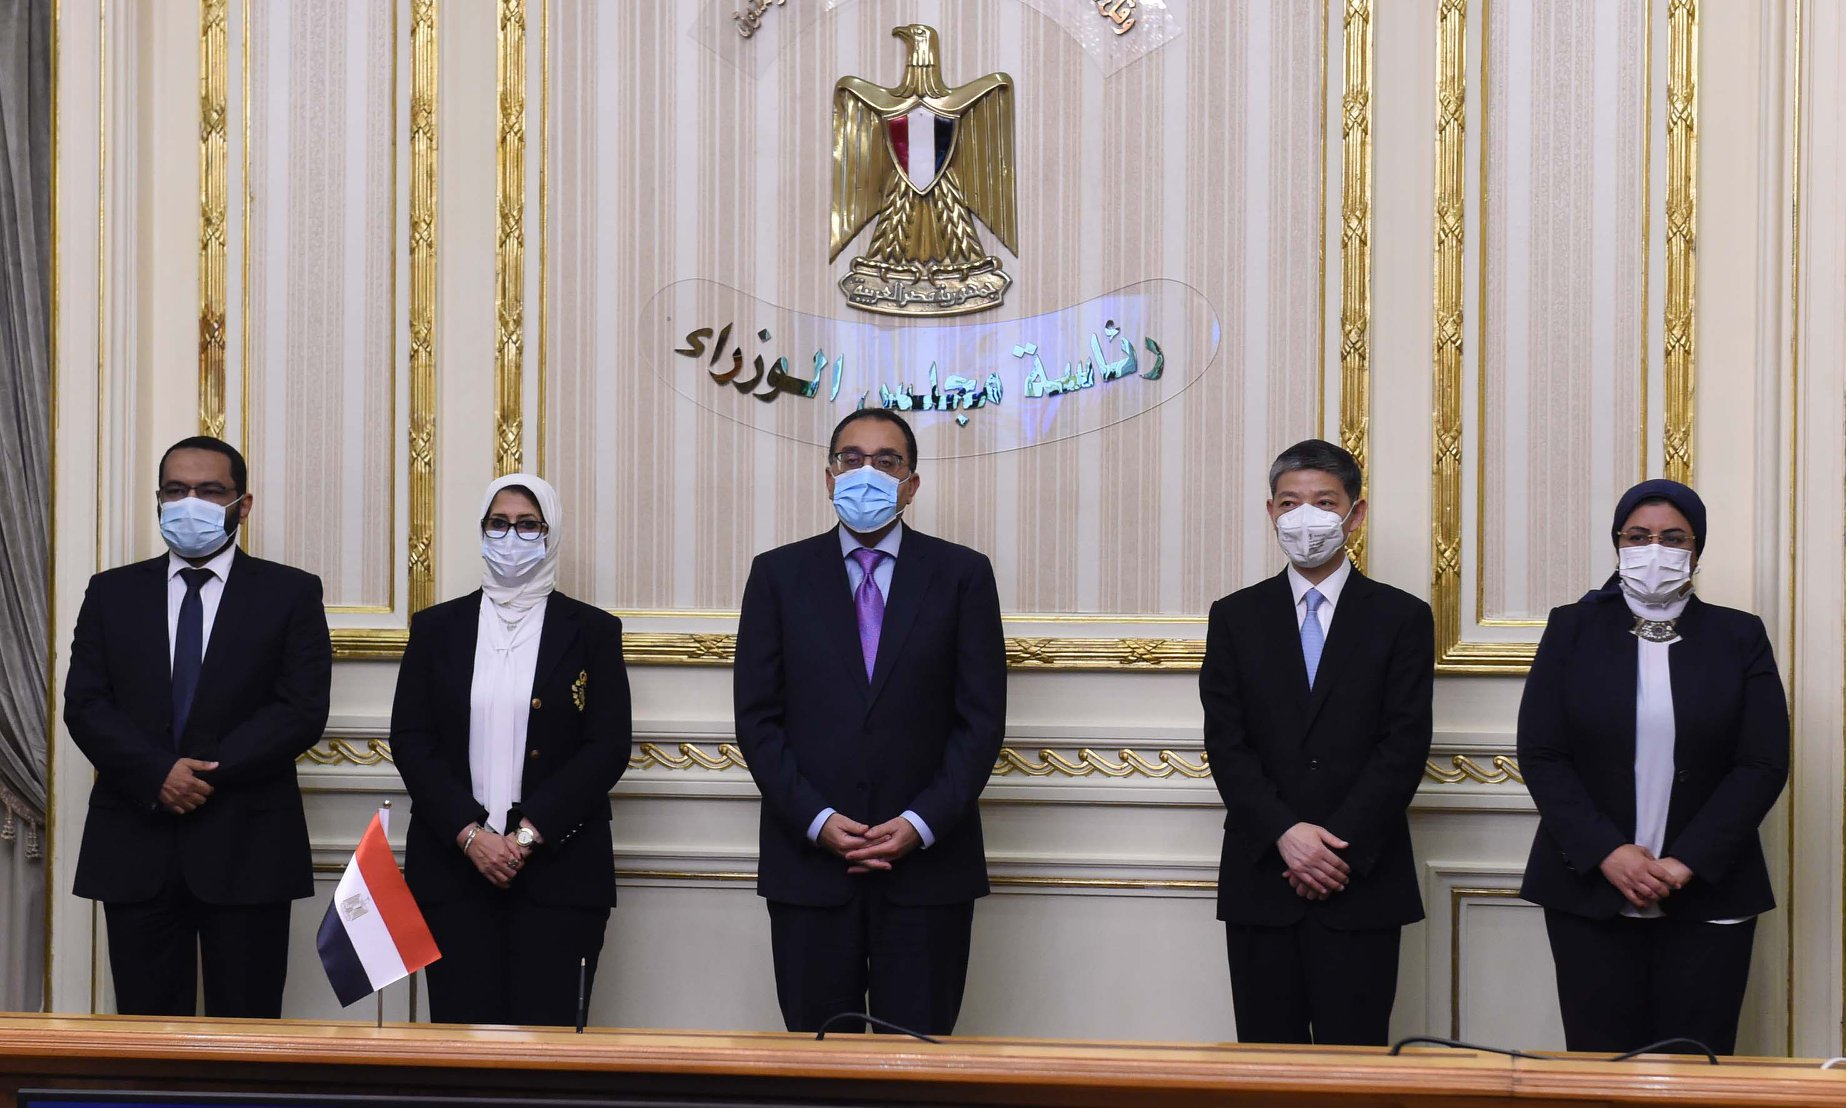 """هالة زايد: اتفاقية تصنيع لقاح كورونا تنص على منح """"سينوفاك"""" فاكسيرا المصرية ترخيصاً لاستخدام تكنولوجيا التصنيع"""